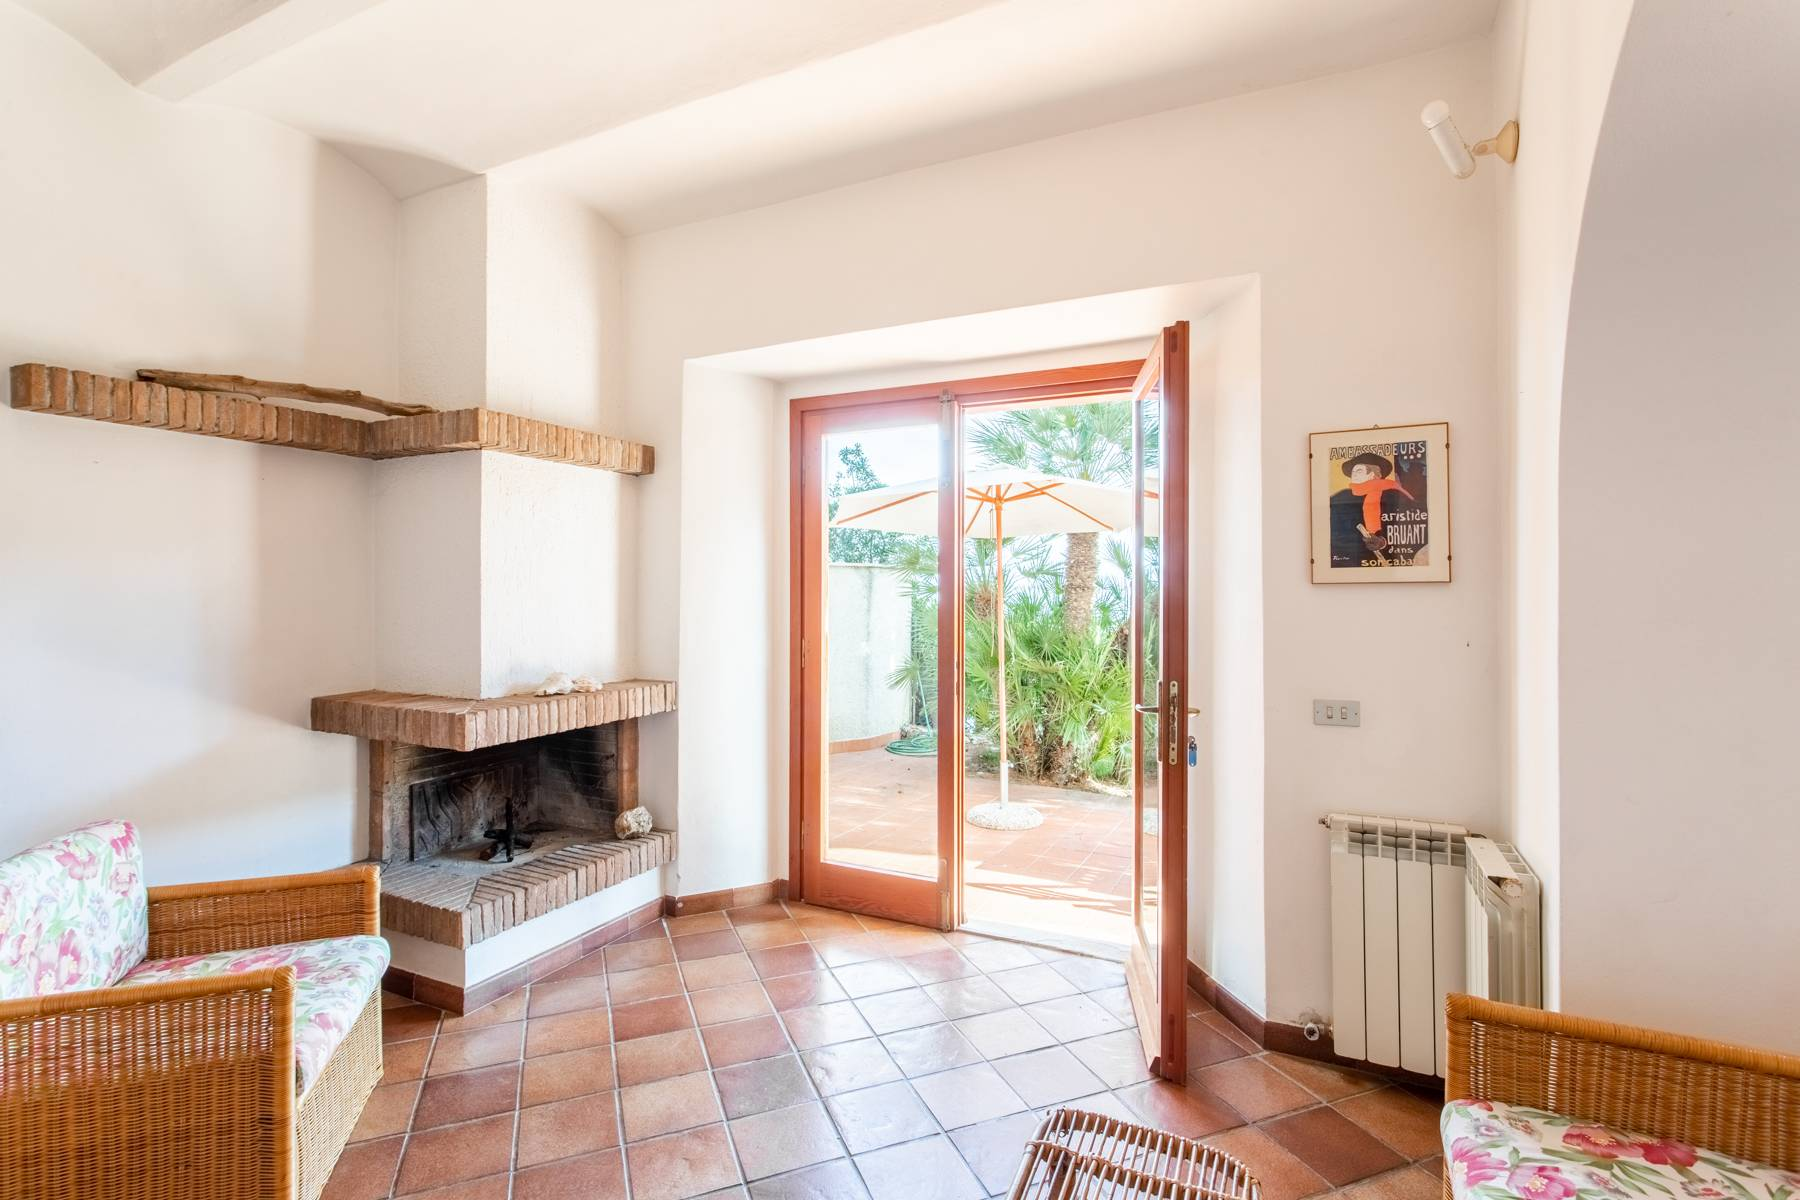 Villa in Vendita a Monte Argentario: 5 locali, 140 mq - Foto 14